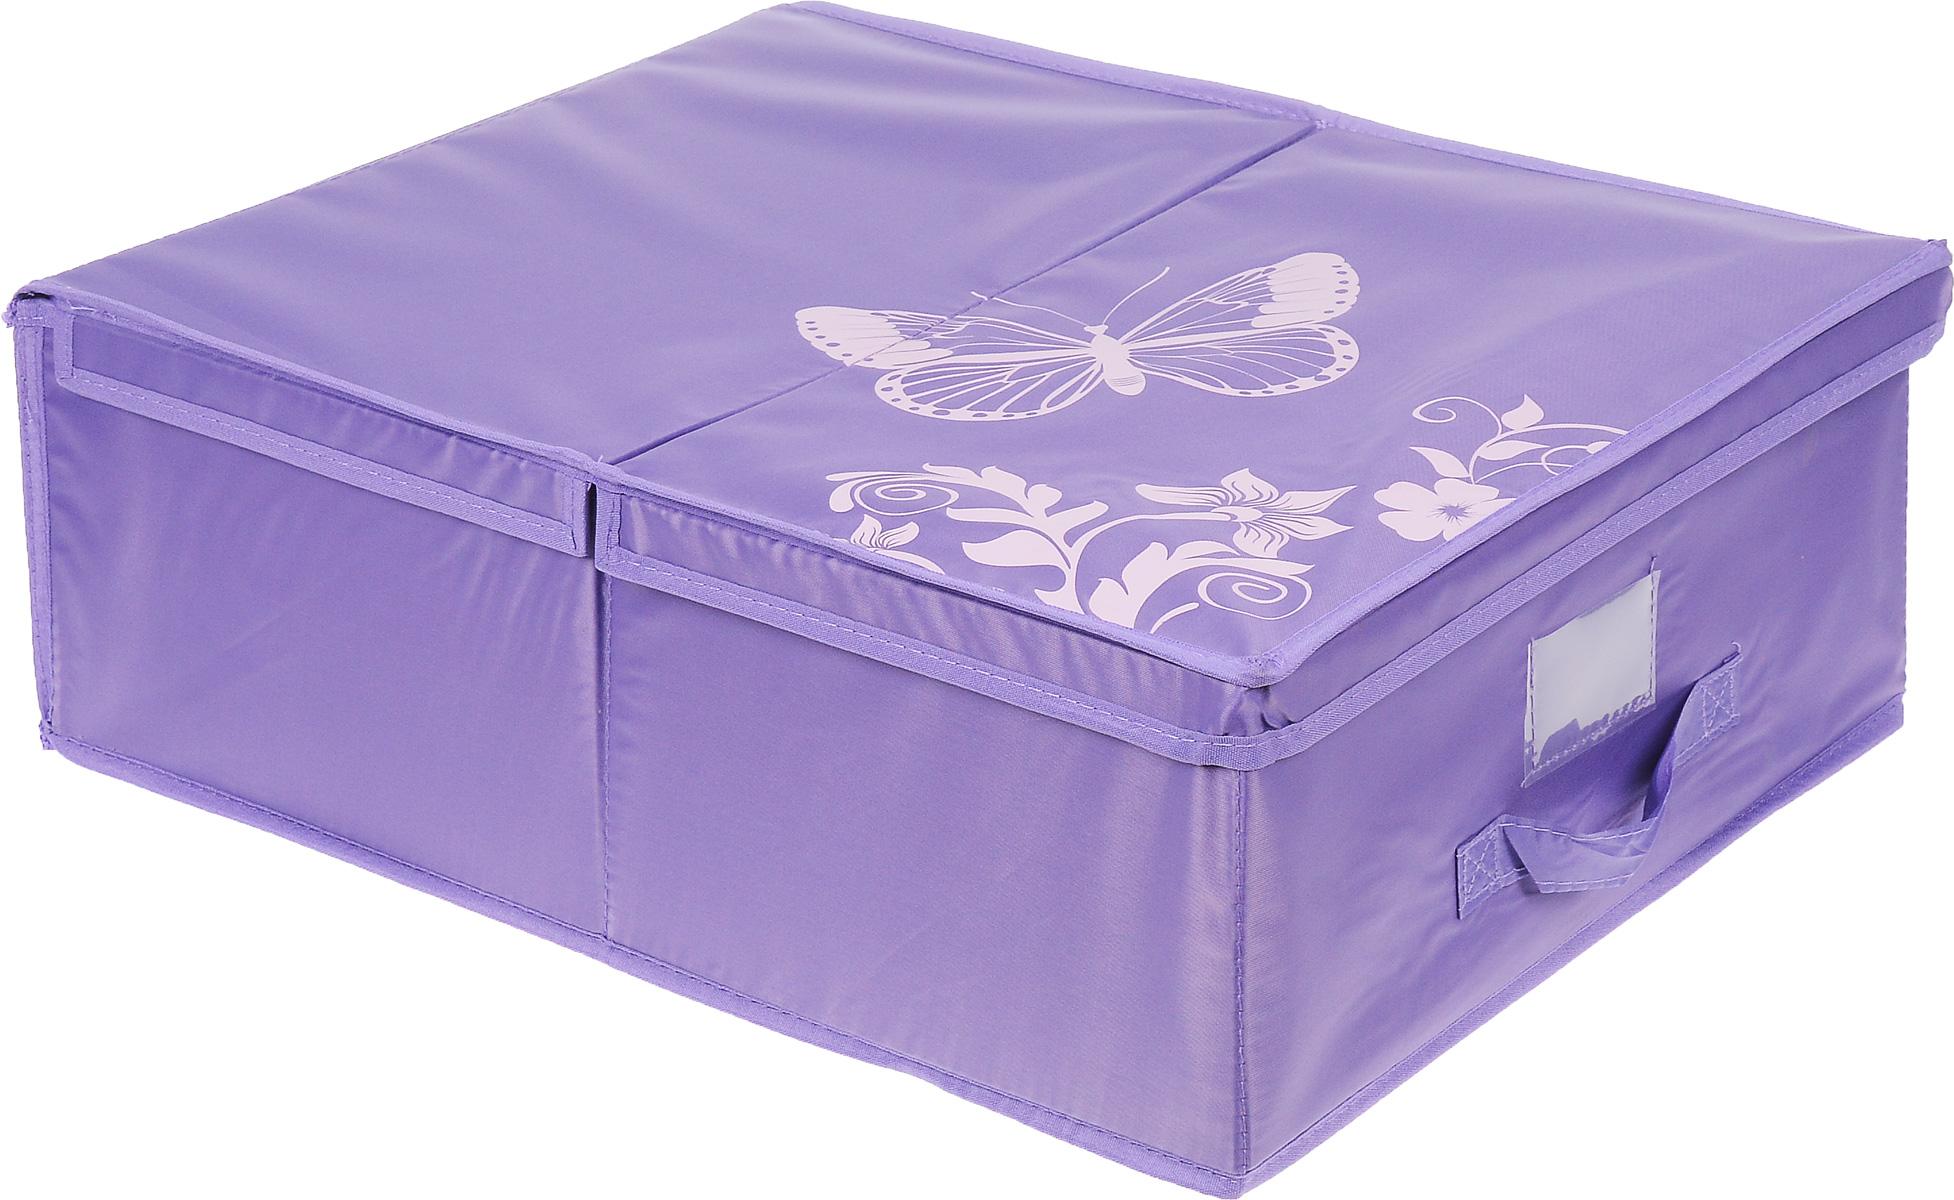 Кофр подкроватный Hausmann Butterfly, цвет: фиолетовый, 43 см х 54 см х 18 смS03301004Подкроватный кофр для хранения Hausmann Butterfly поможет легко организовать пространство в шкафу или в гардеробе, компактные формы позволяют хранить его под кроватью. Изделие выполнено из нетканого материала и полиэстера с защитой от пыли. Кофр держит форму благодаря жесткой вставке из картона, которая устанавливается на дно. Боковая поверхность оформлена красивым принтом. Имеется ручка, крышка и прозрачный карман для пометки содержимого. В таком кофре удобно хранить одежду, текстиль и различные аксессуары.